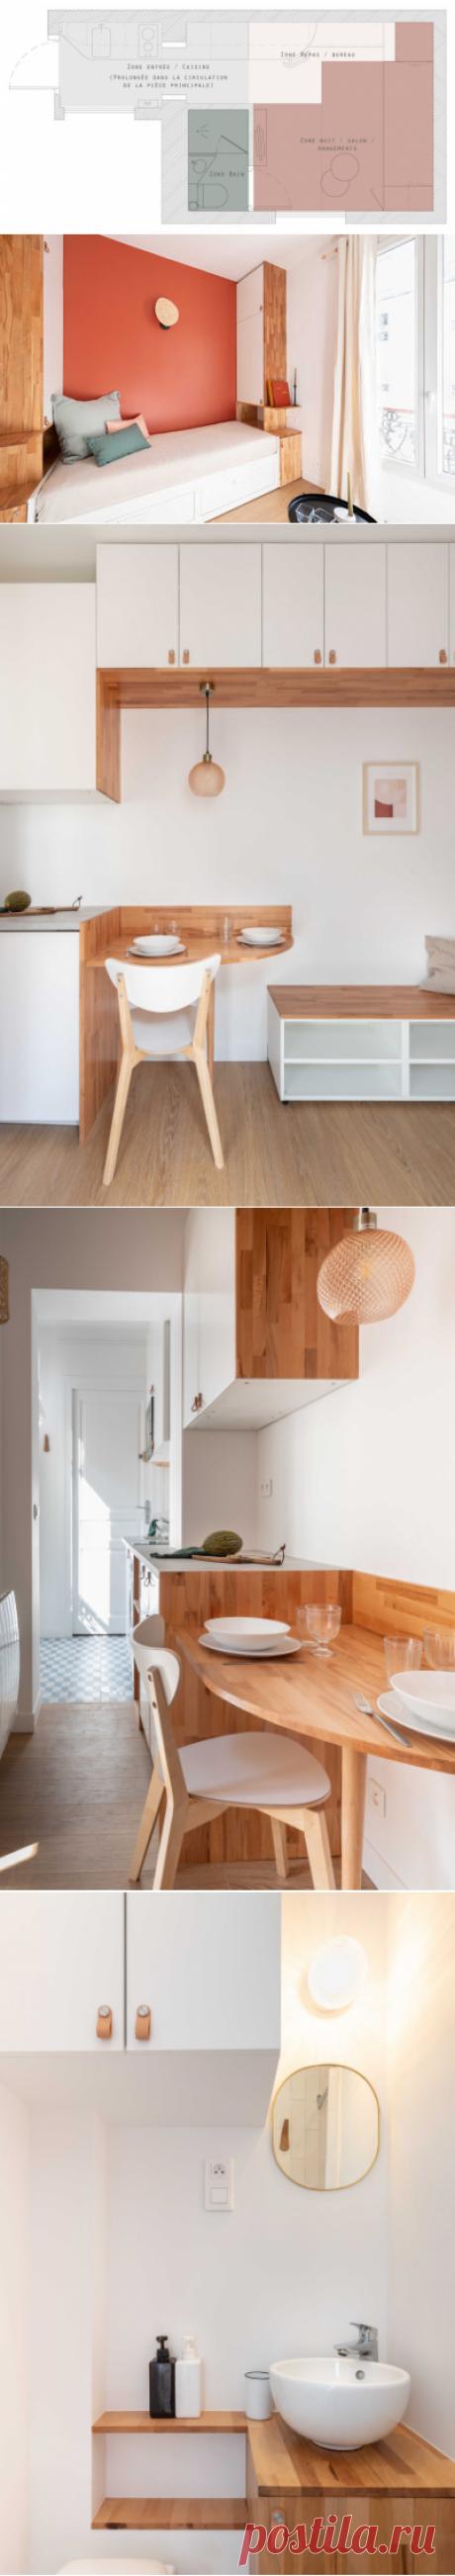 До и после: Переделка студии 14 кв.м во французском Клиши | Houzz Россия